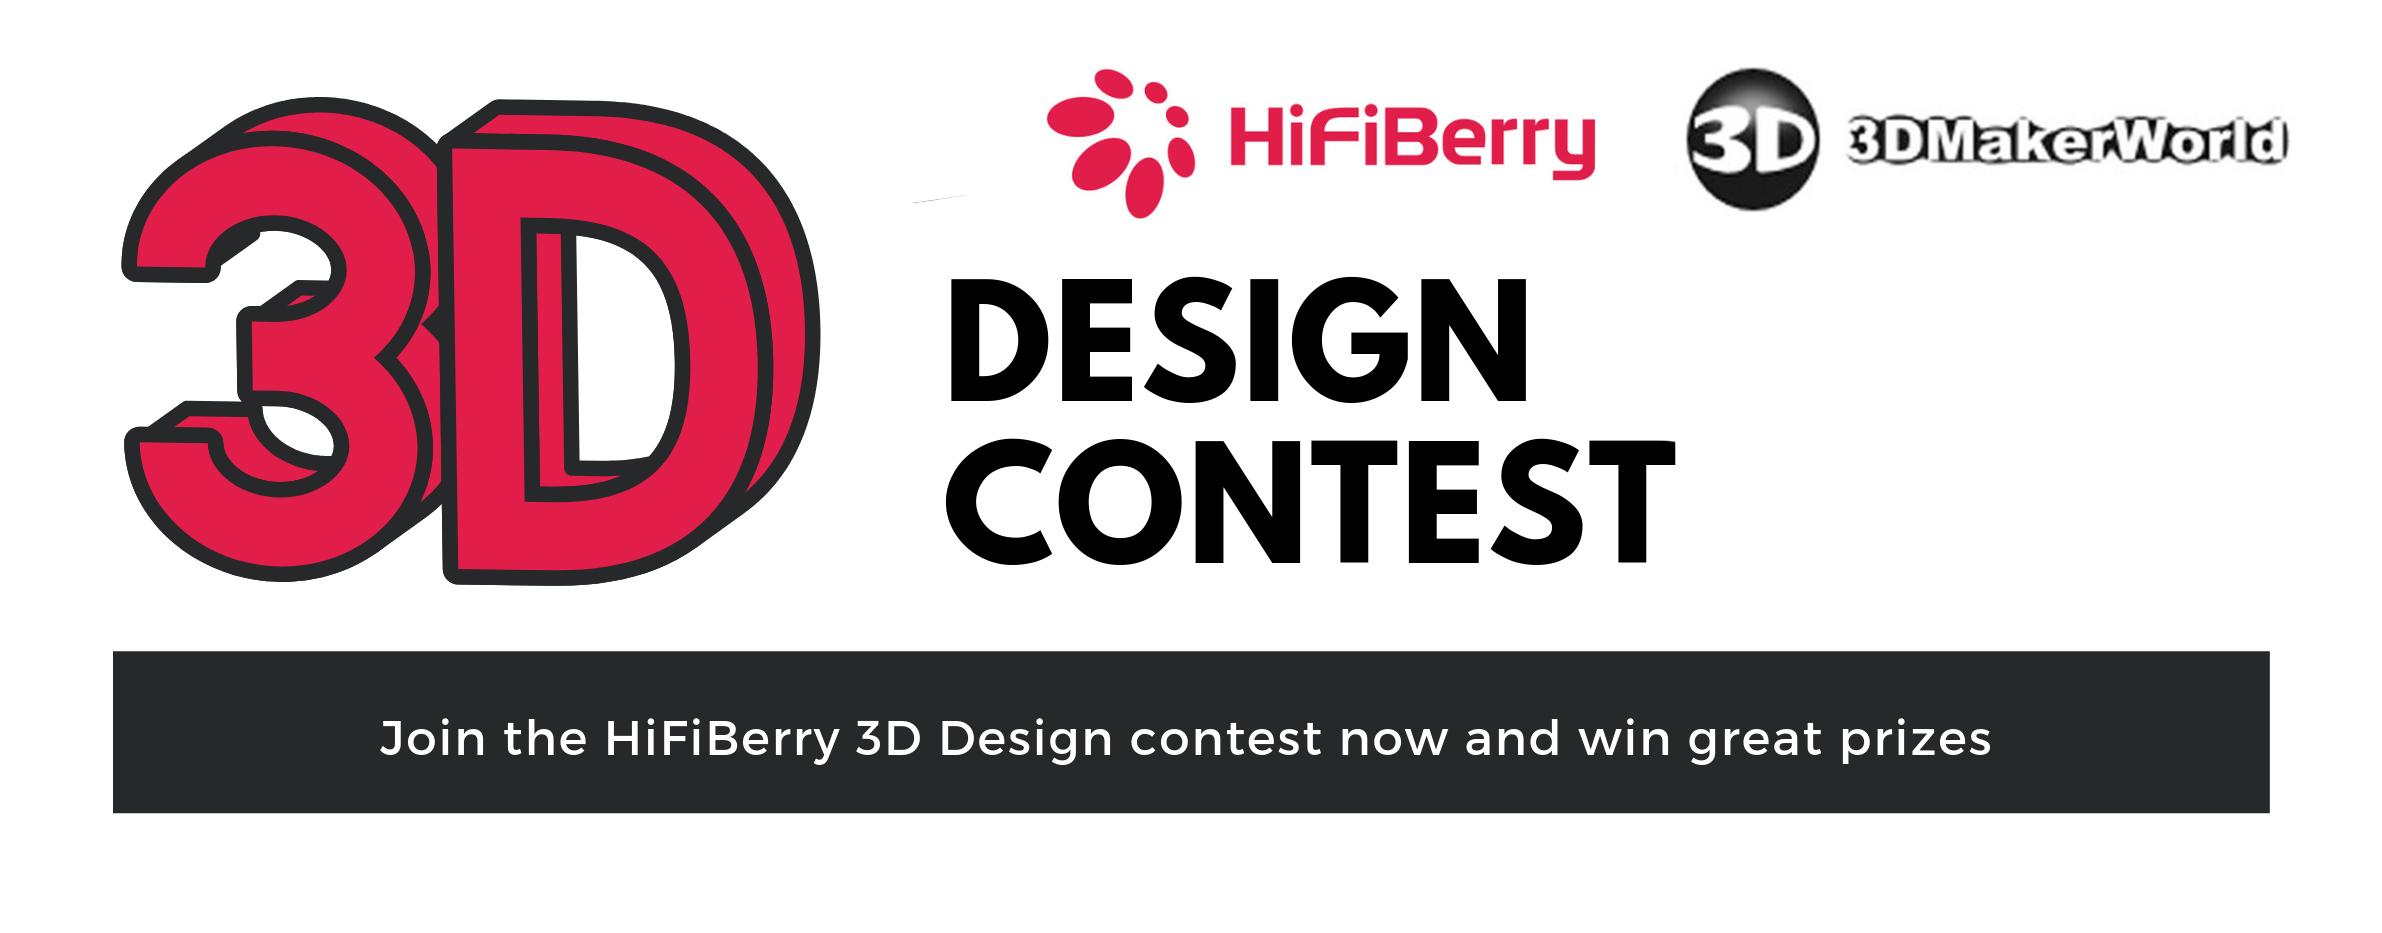 3D design contest.